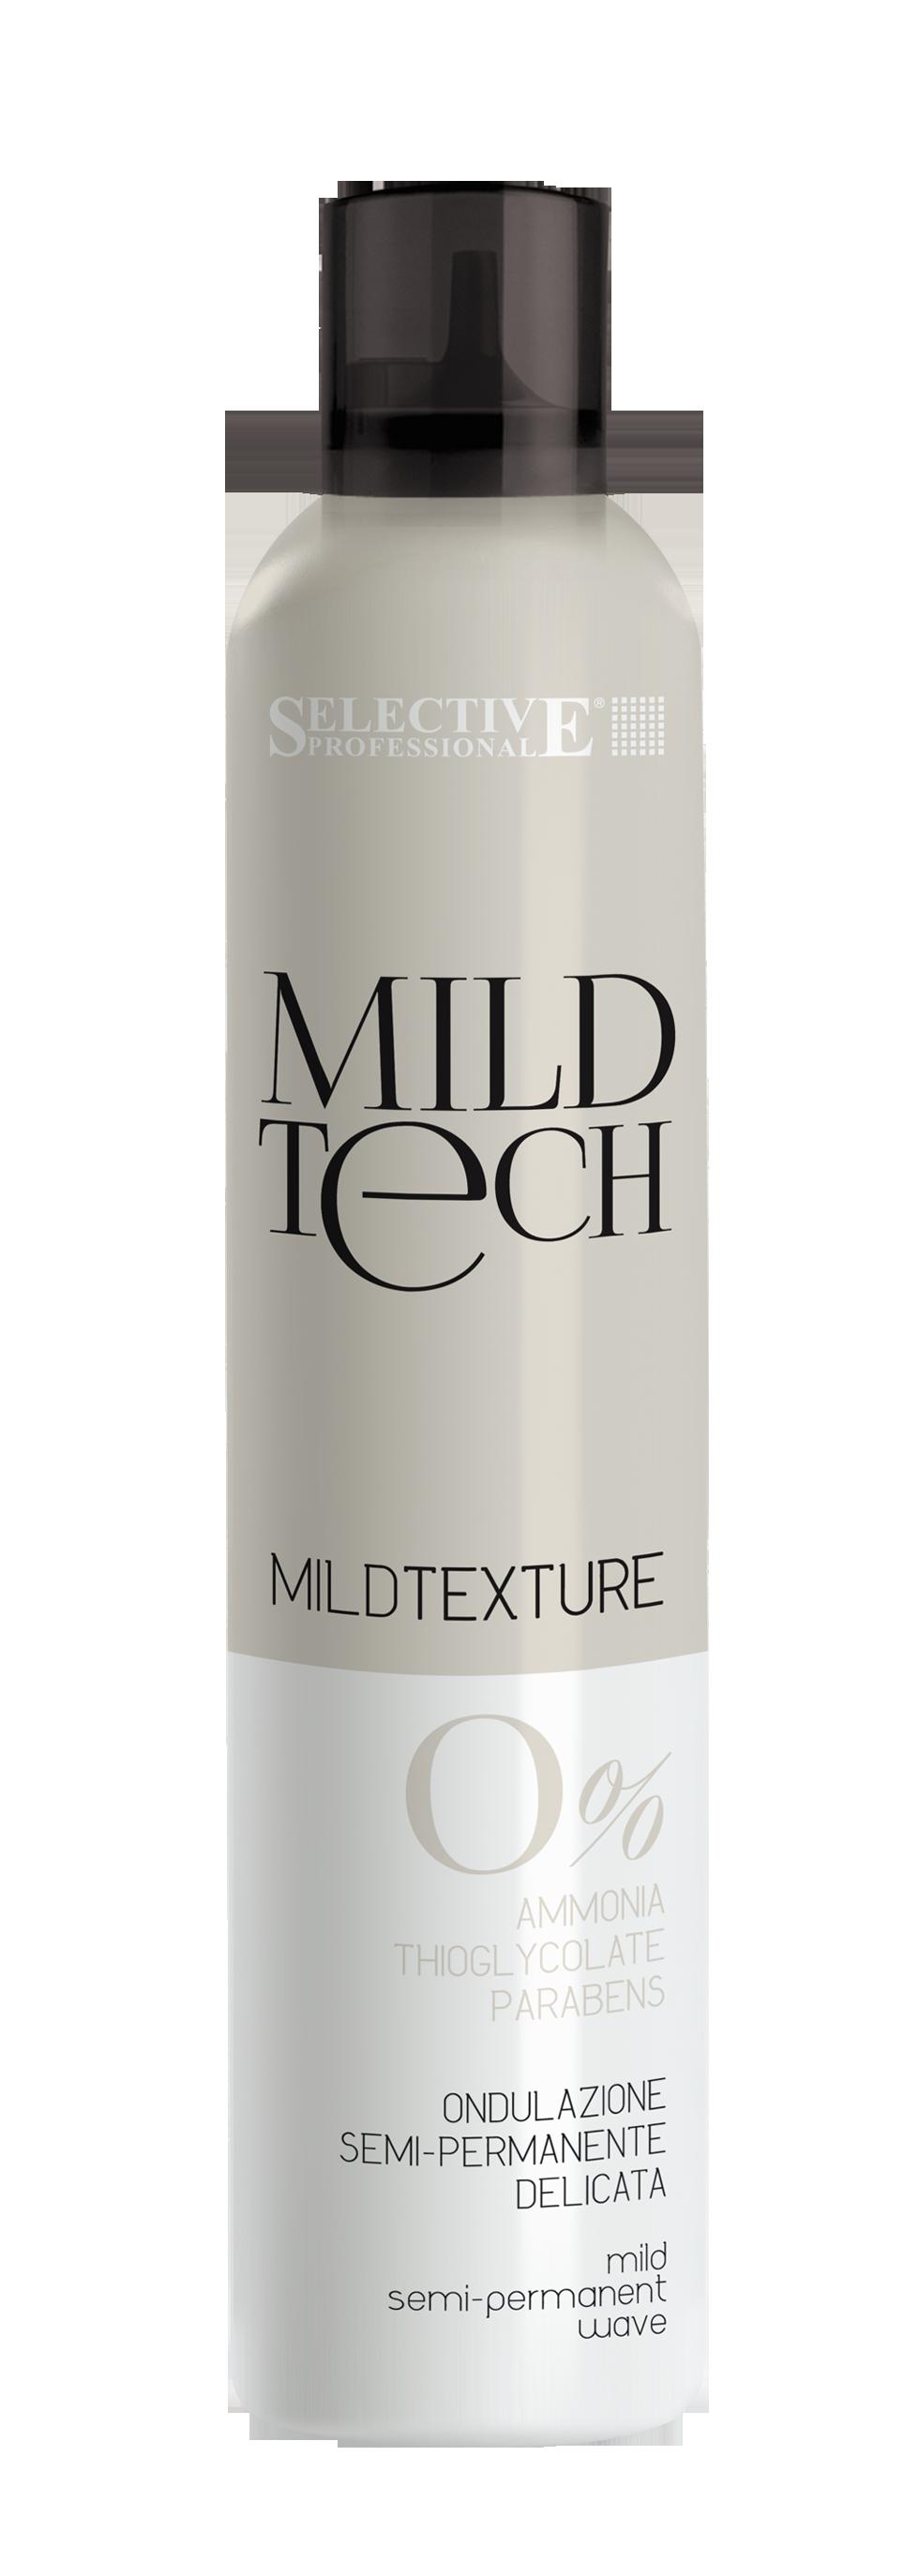 SELECTIVE PROFESSIONAL Завивка мягкая полуперманентная без тиогликолятов и аммиака / Mild Texture 250мл от Галерея Косметики